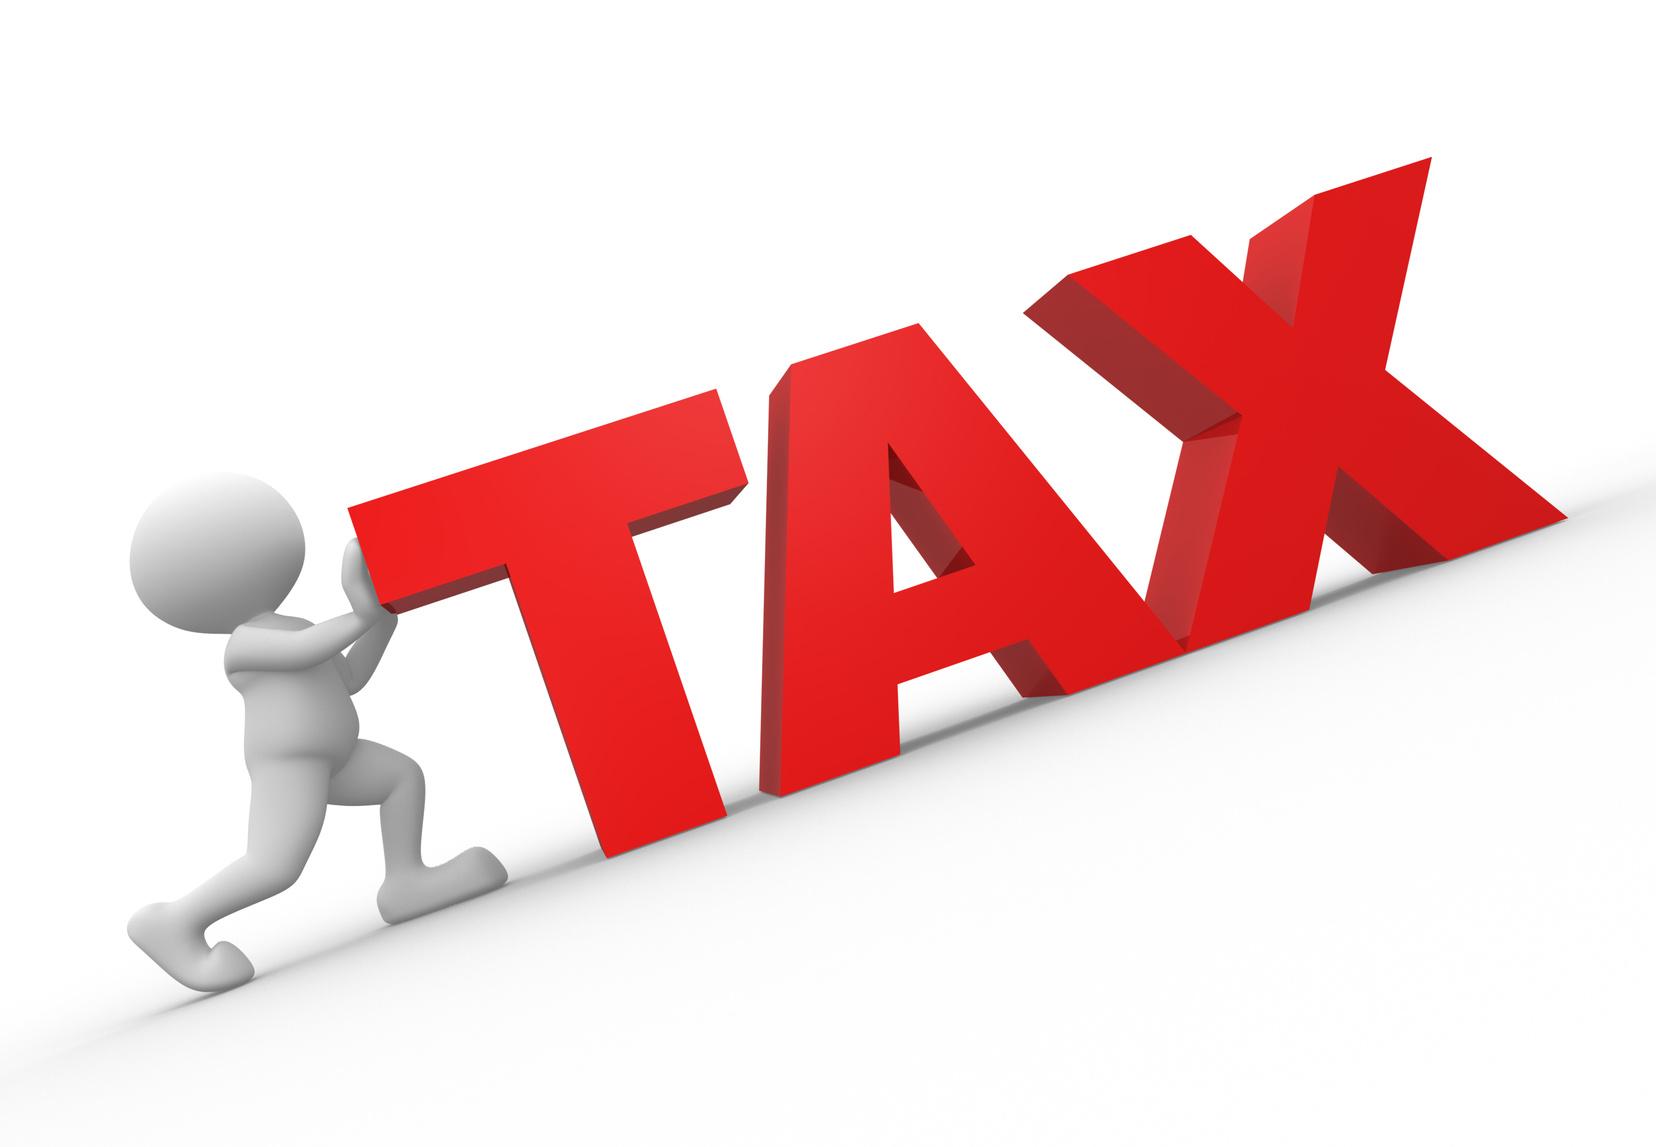 Làm chưa đủ 1 năm có được ủy quyền quyết toán thuế cho công ty không?